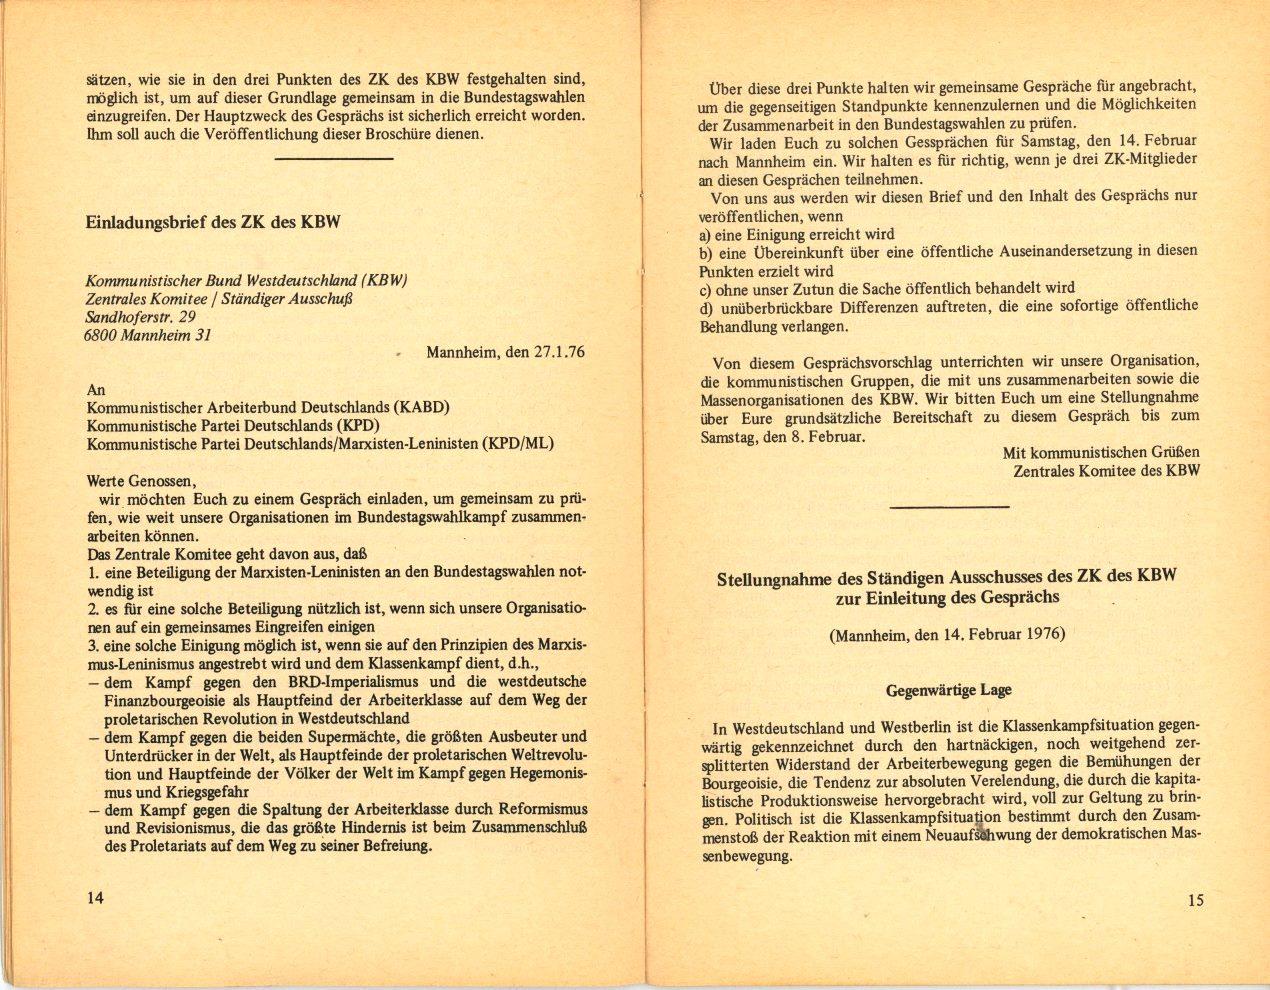 KBW_Materialien_zur_Auseinandersetzung_in_der_mlB_1976_09